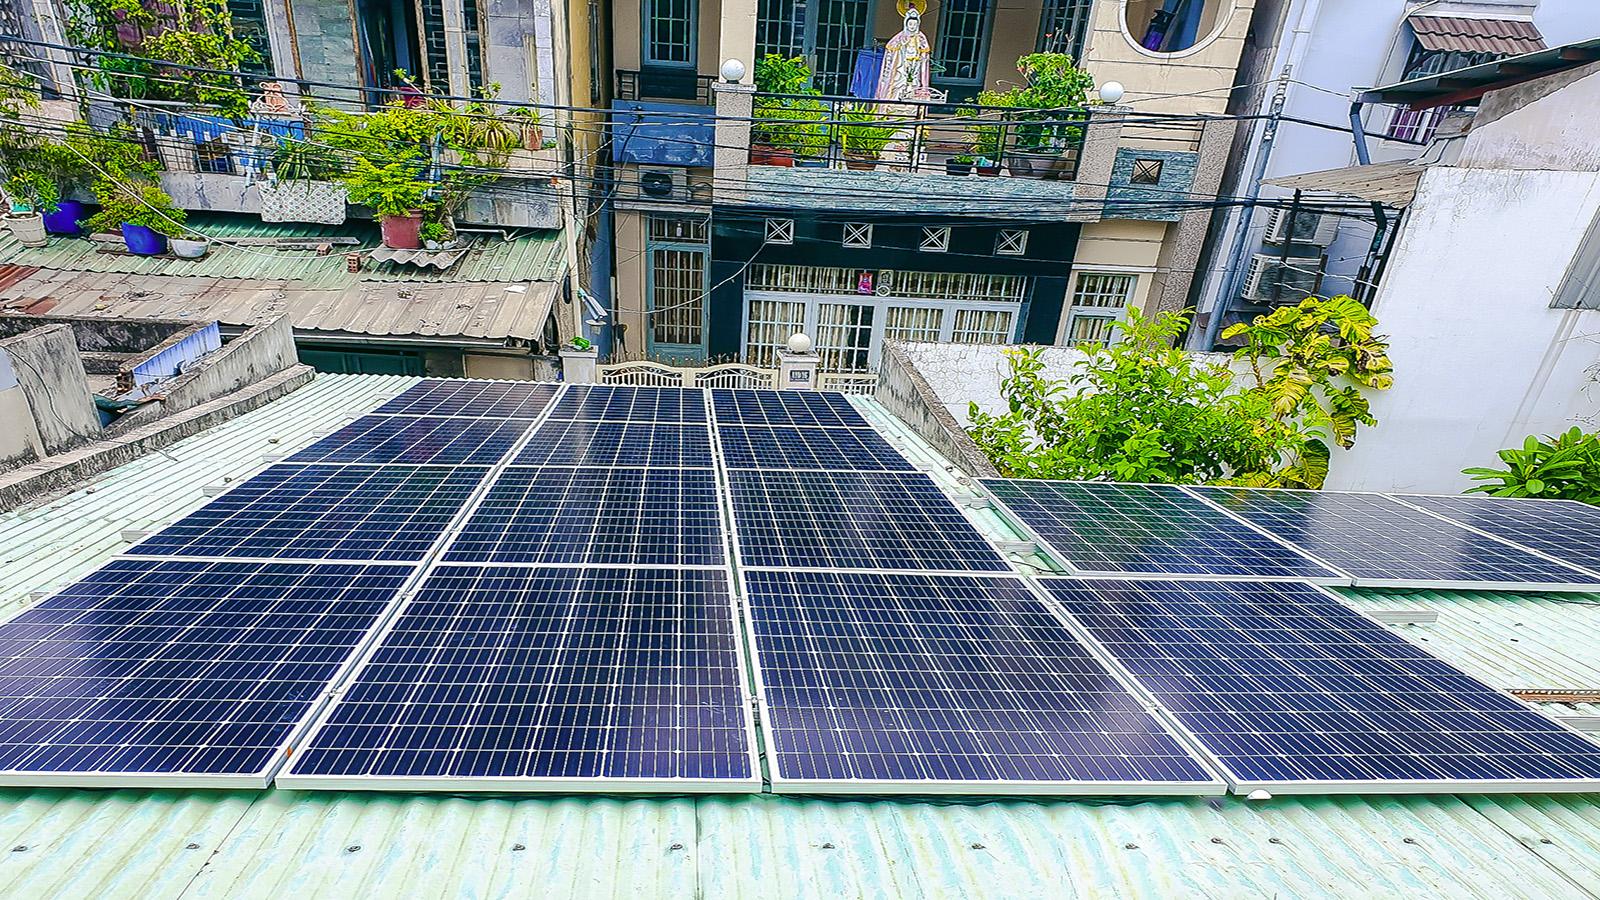 VES lắp điện năng lượng mặt trời tại  Biên Hòa - Đồng Nai